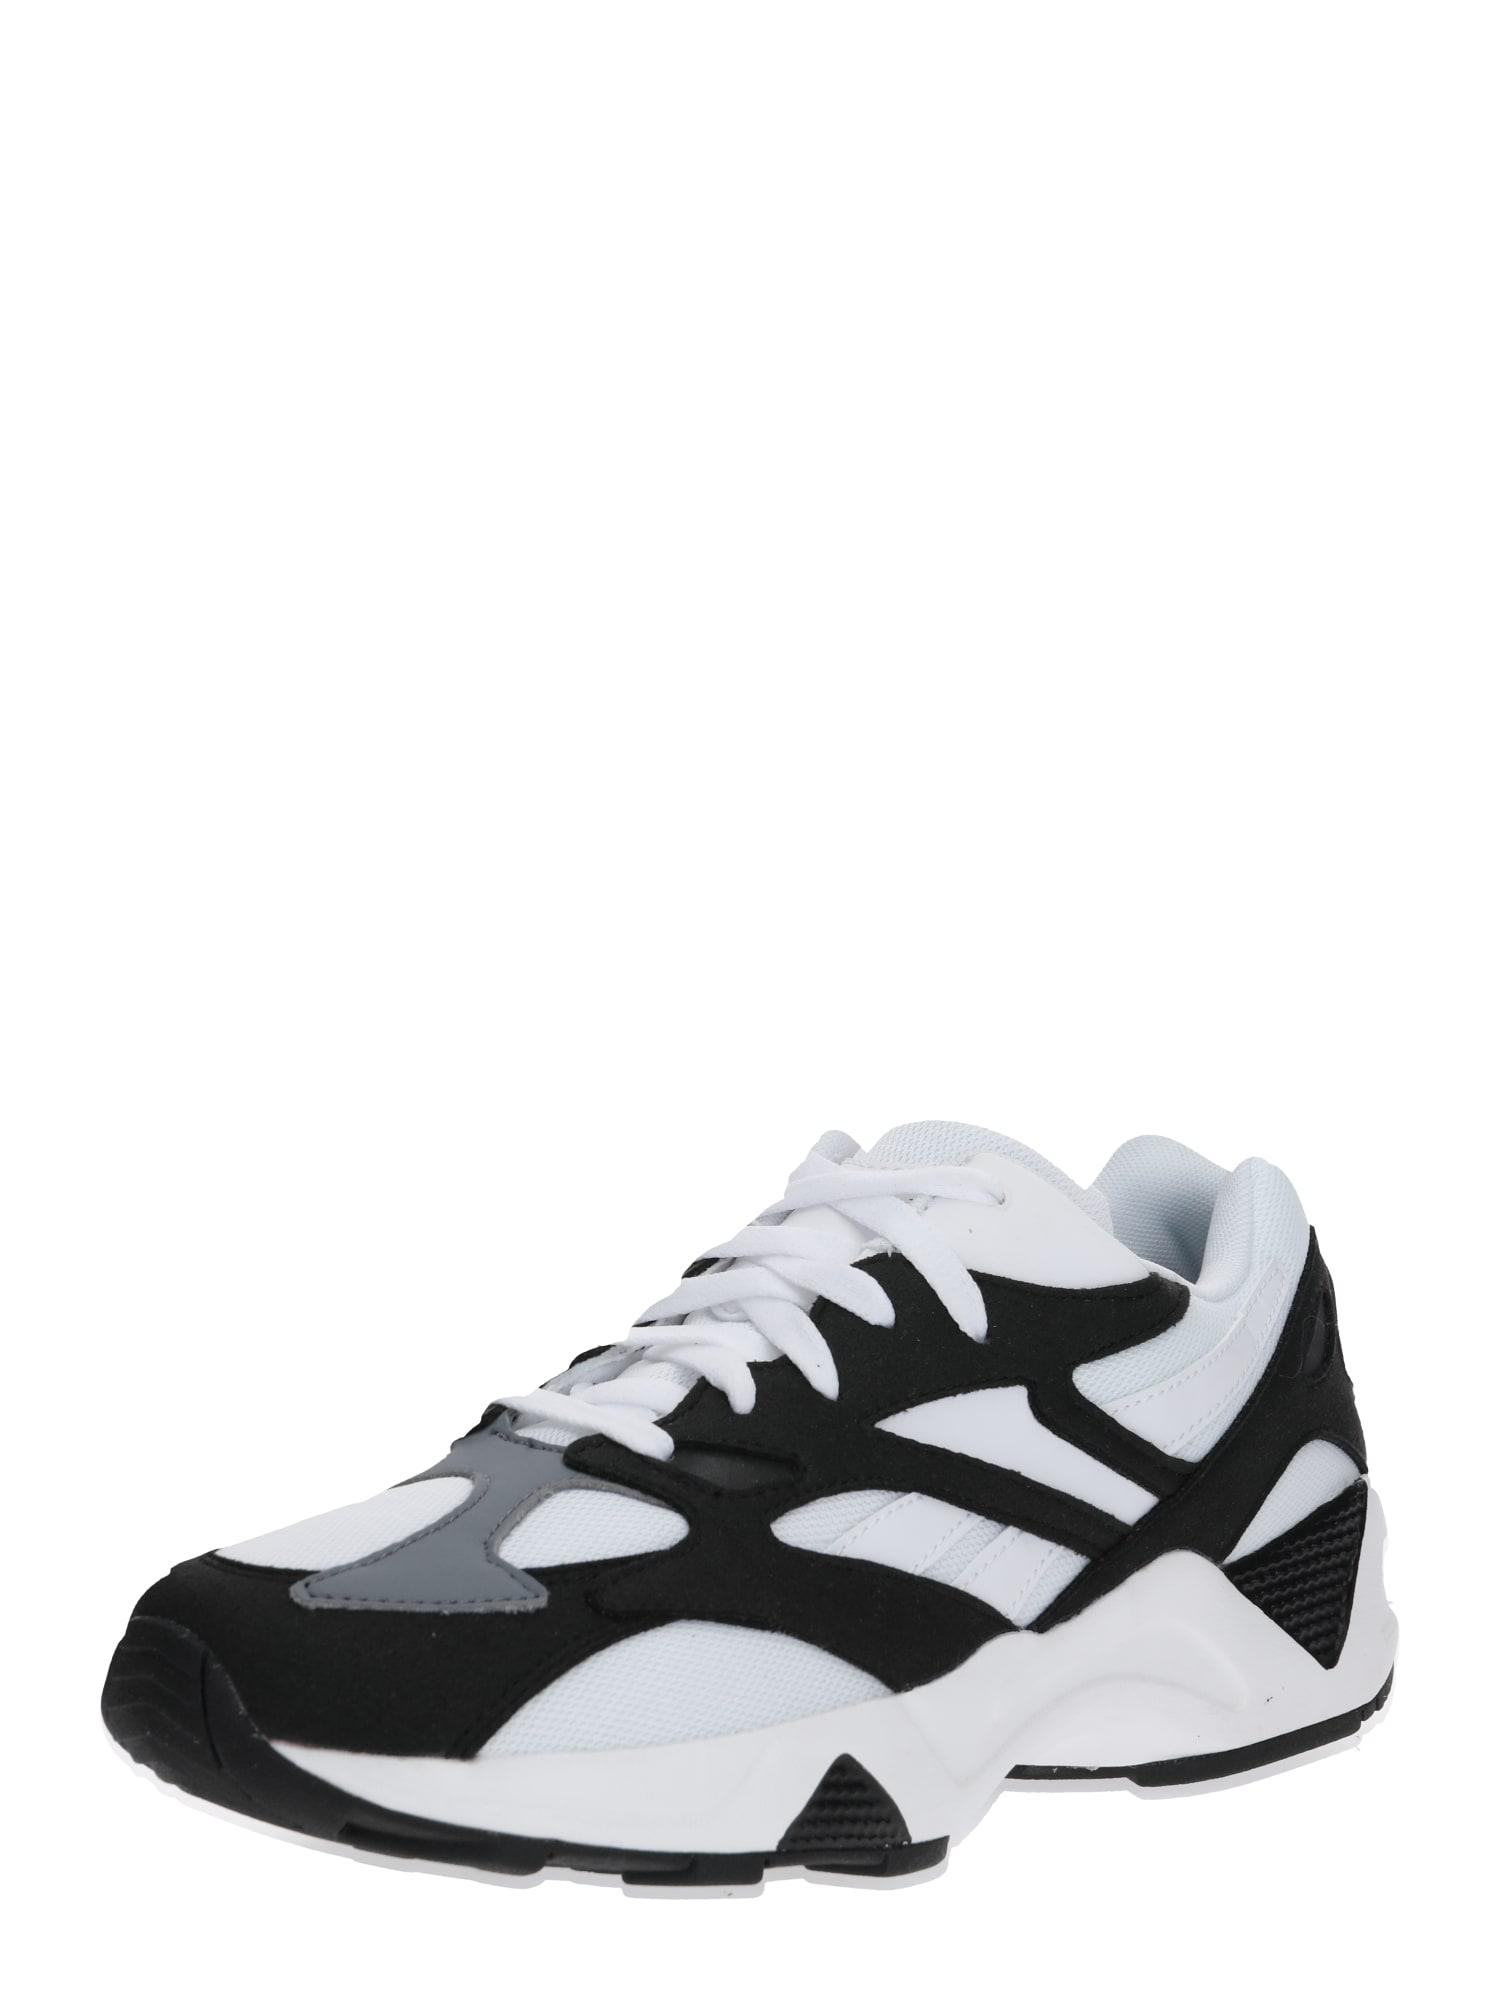 Tenisky AZTREK 96 černá bílá Reebok Classic